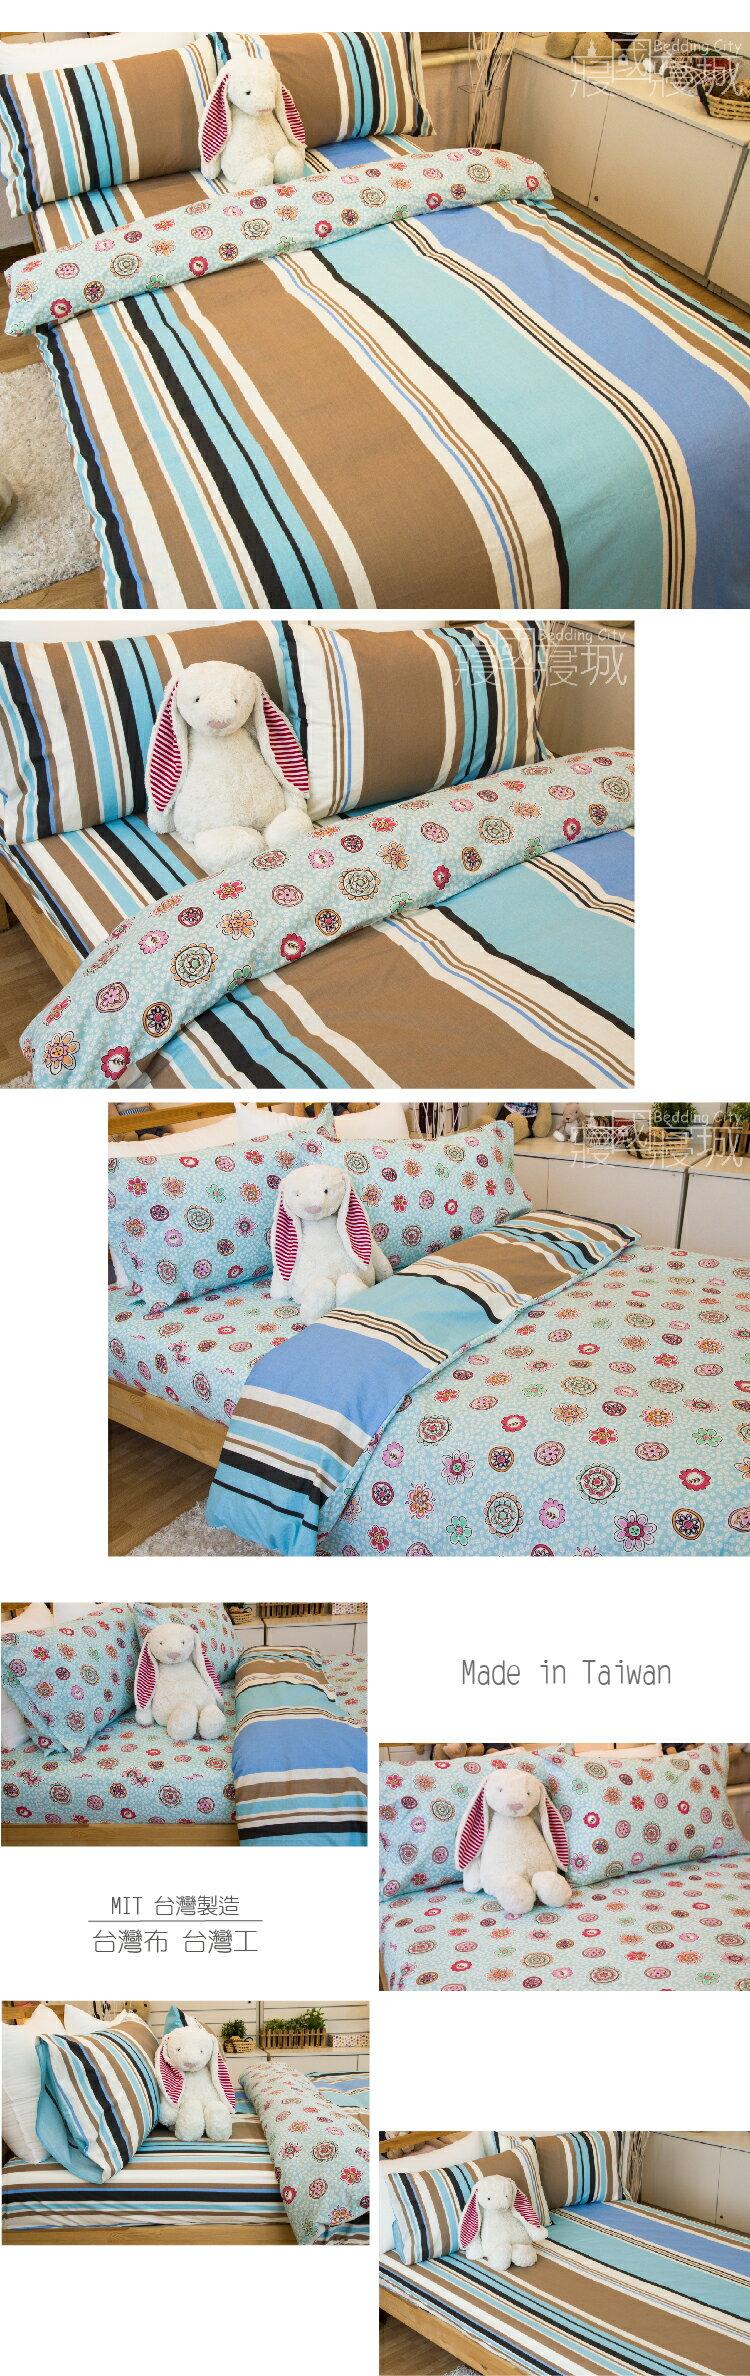 100%精梳棉-雙人床包被套四件組 花樣朵朵【大鐘印染、台灣製造】#精梳純綿 2